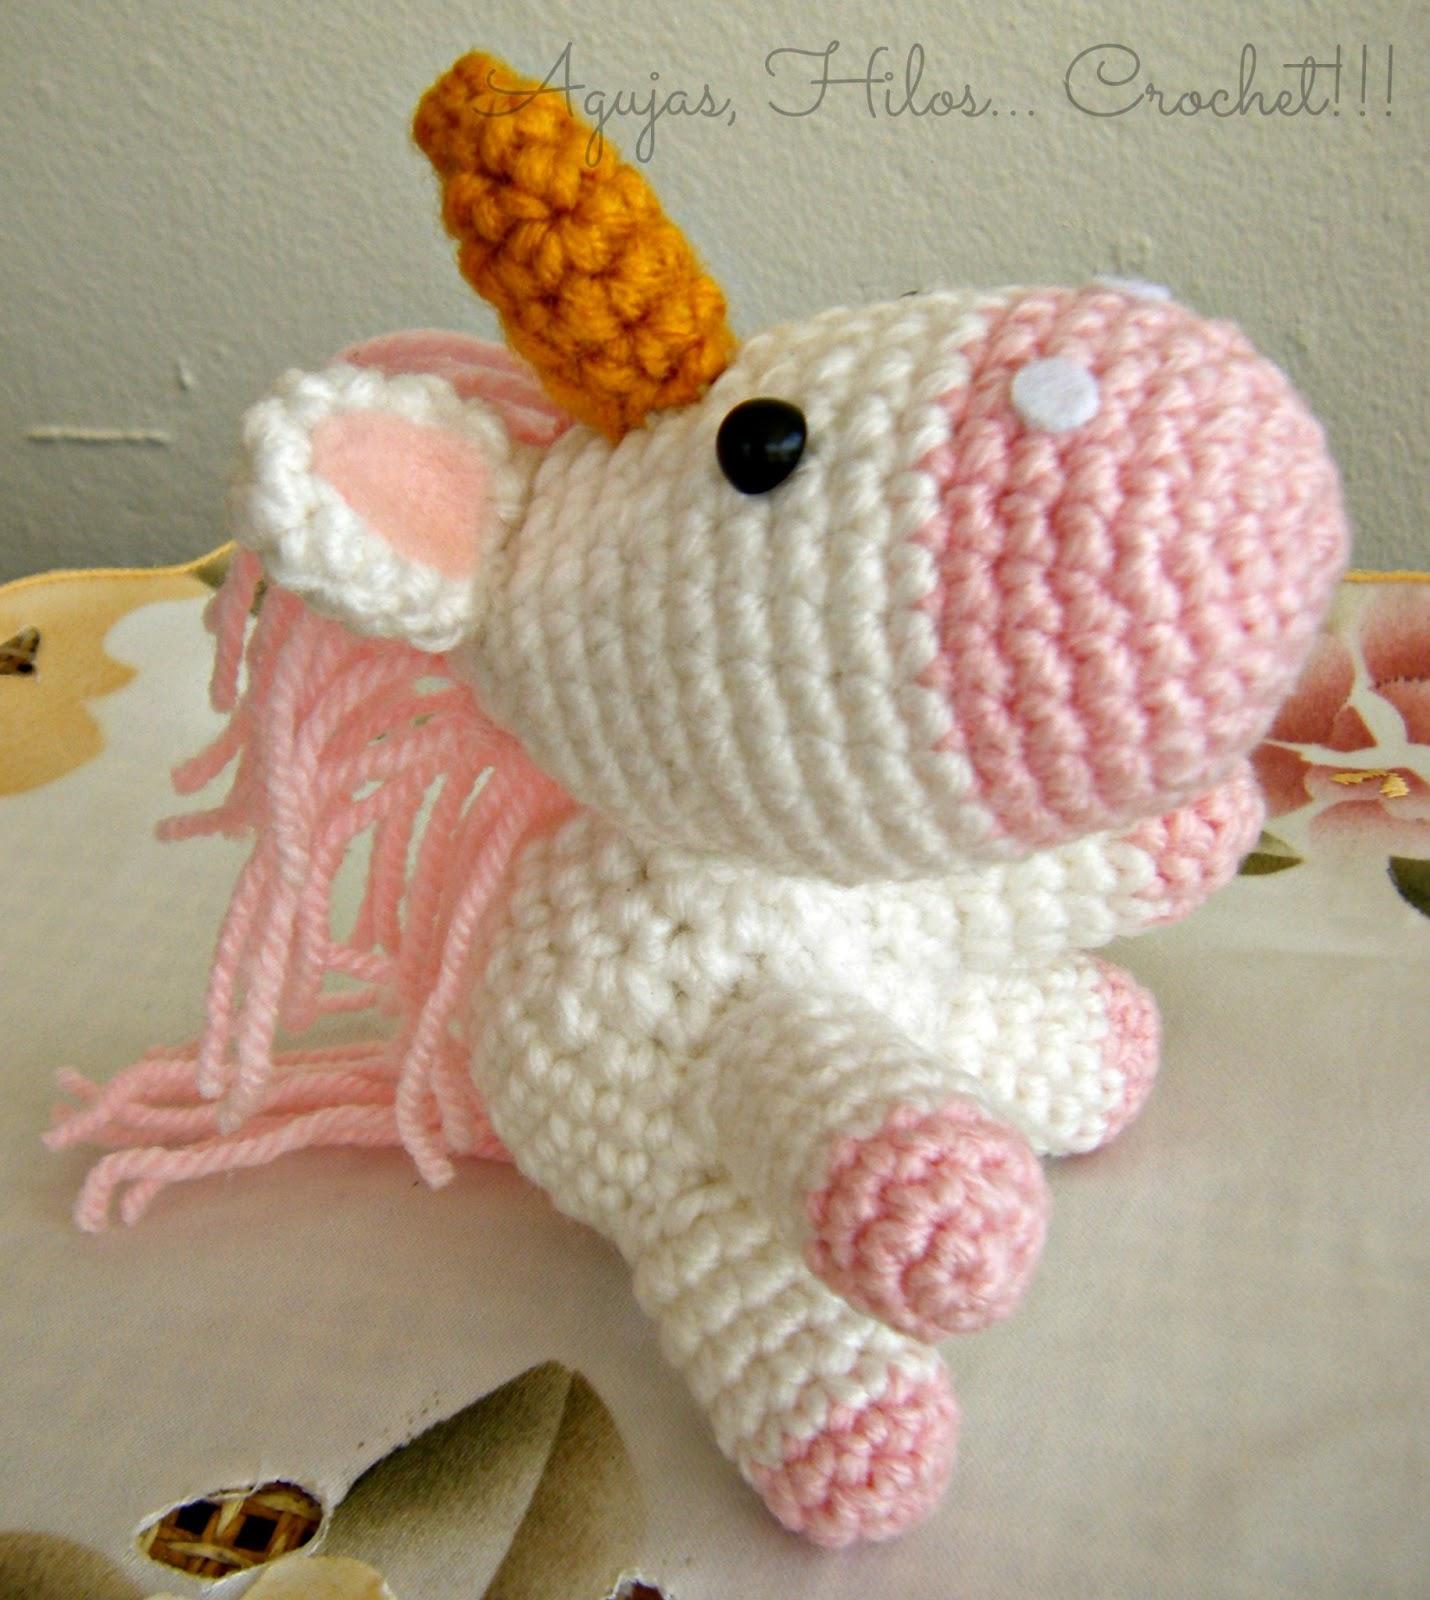 Amigurumi Unicornio Mi Villano Favorito : Un lindo unicornio - Agujas, Hilos... Crochet!!!